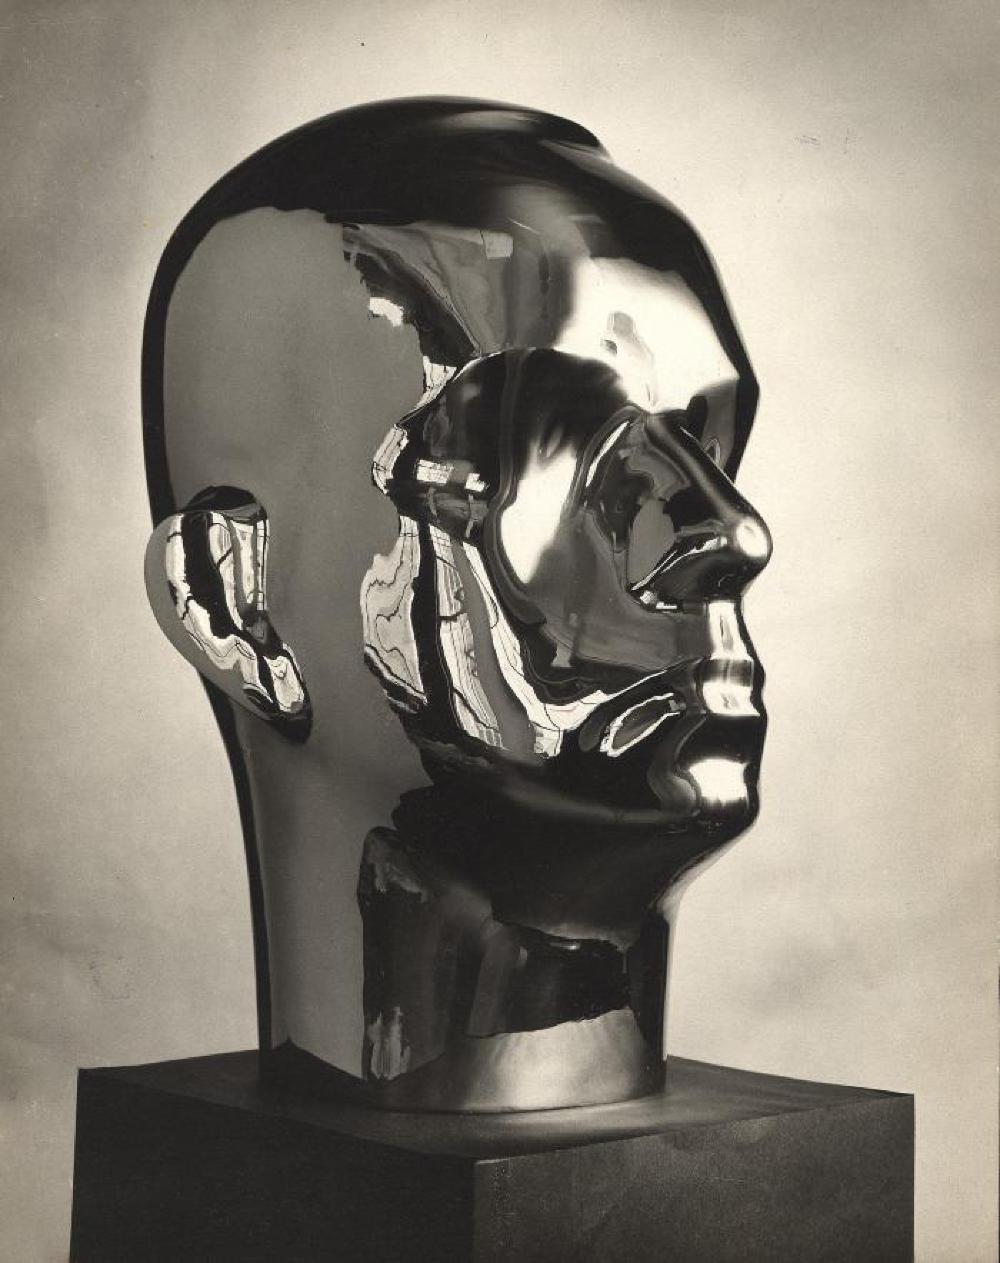 R. Buckminster Fuller, image 6